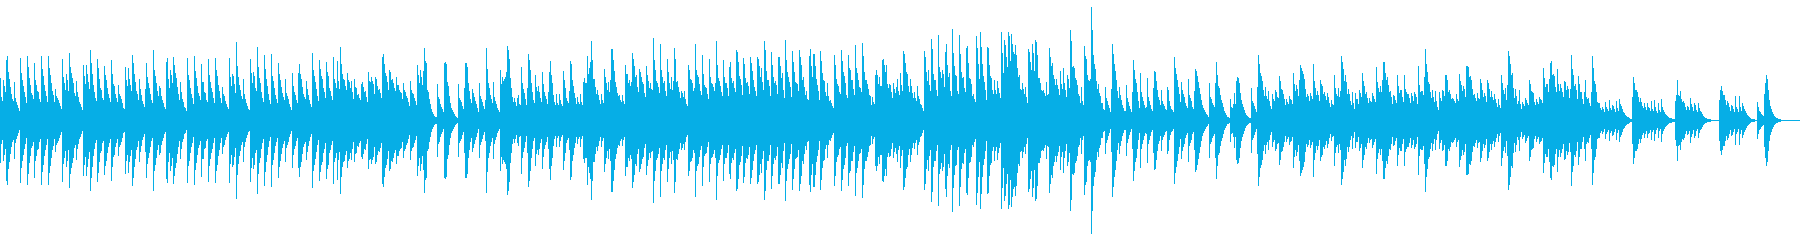 五日間の世界 音色1【優しいオルゴール】の再生済みの波形